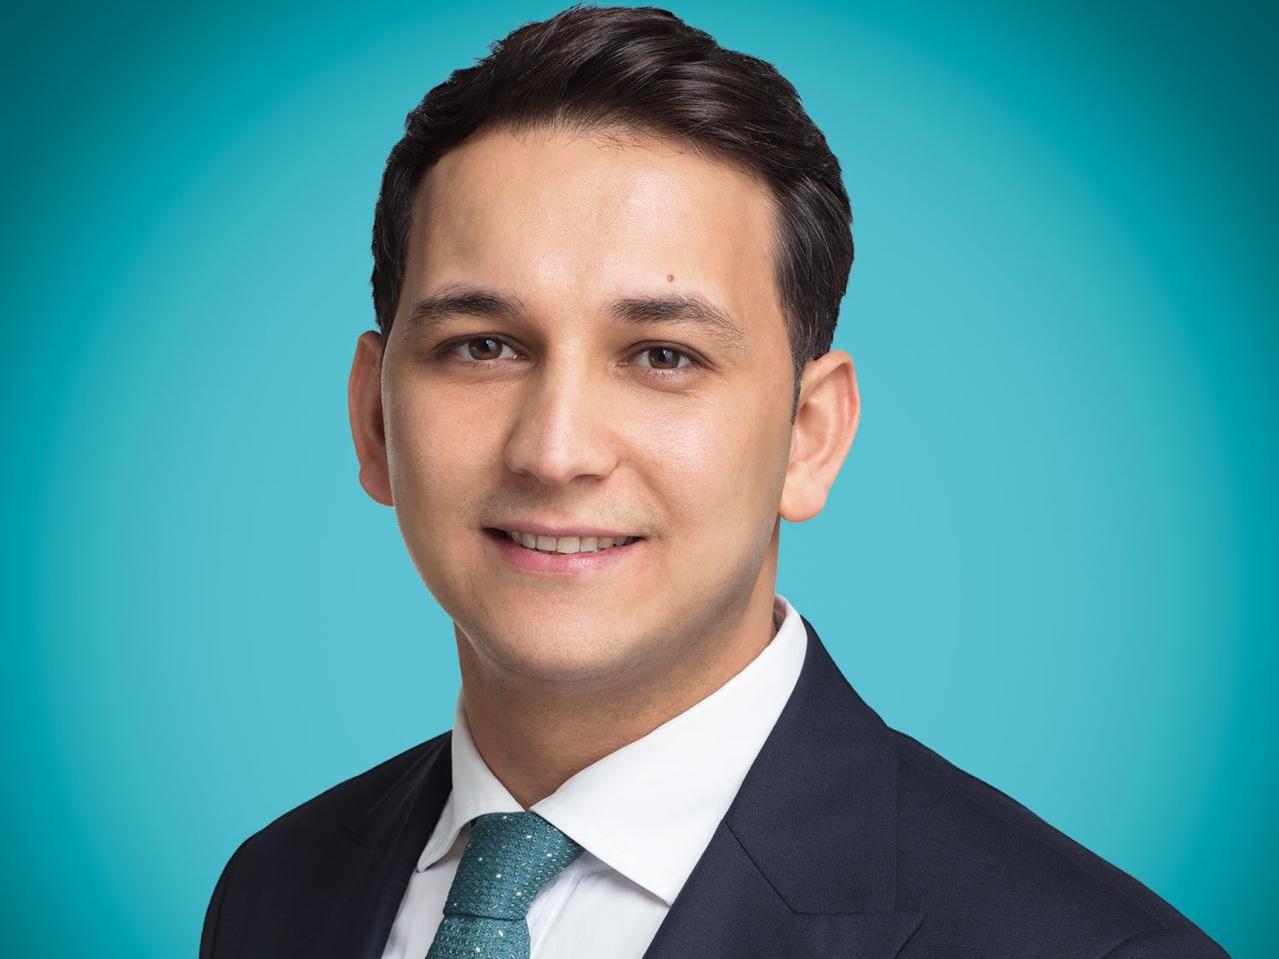 Заур Дарабзаде зарегистрирован кандидатом в депутаты на внеочередных выборах